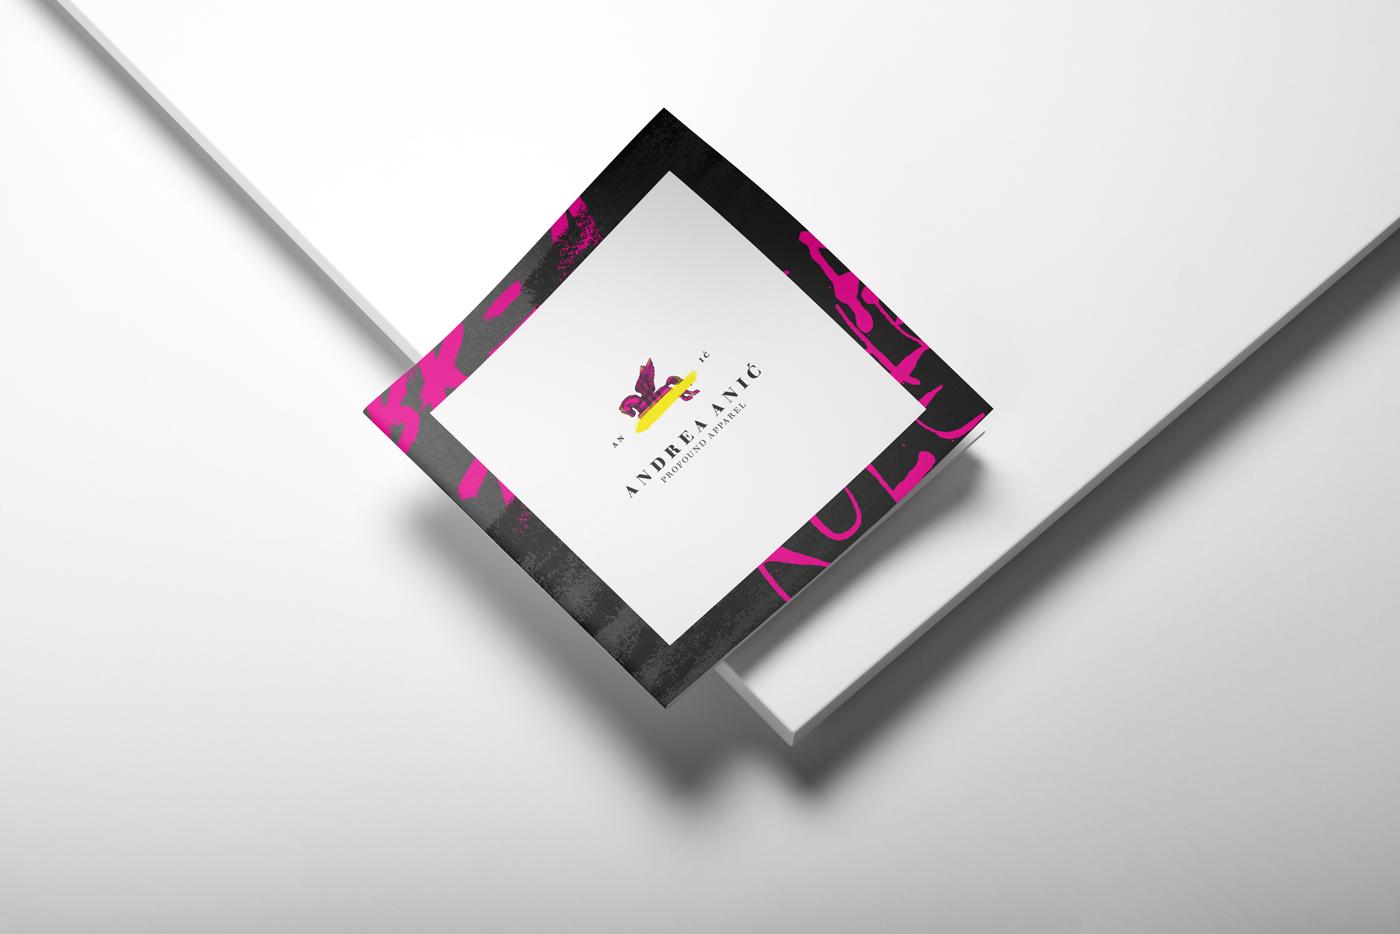 Zambelli Brand Design - Andrea Anić - Profound Apparel - Booklet